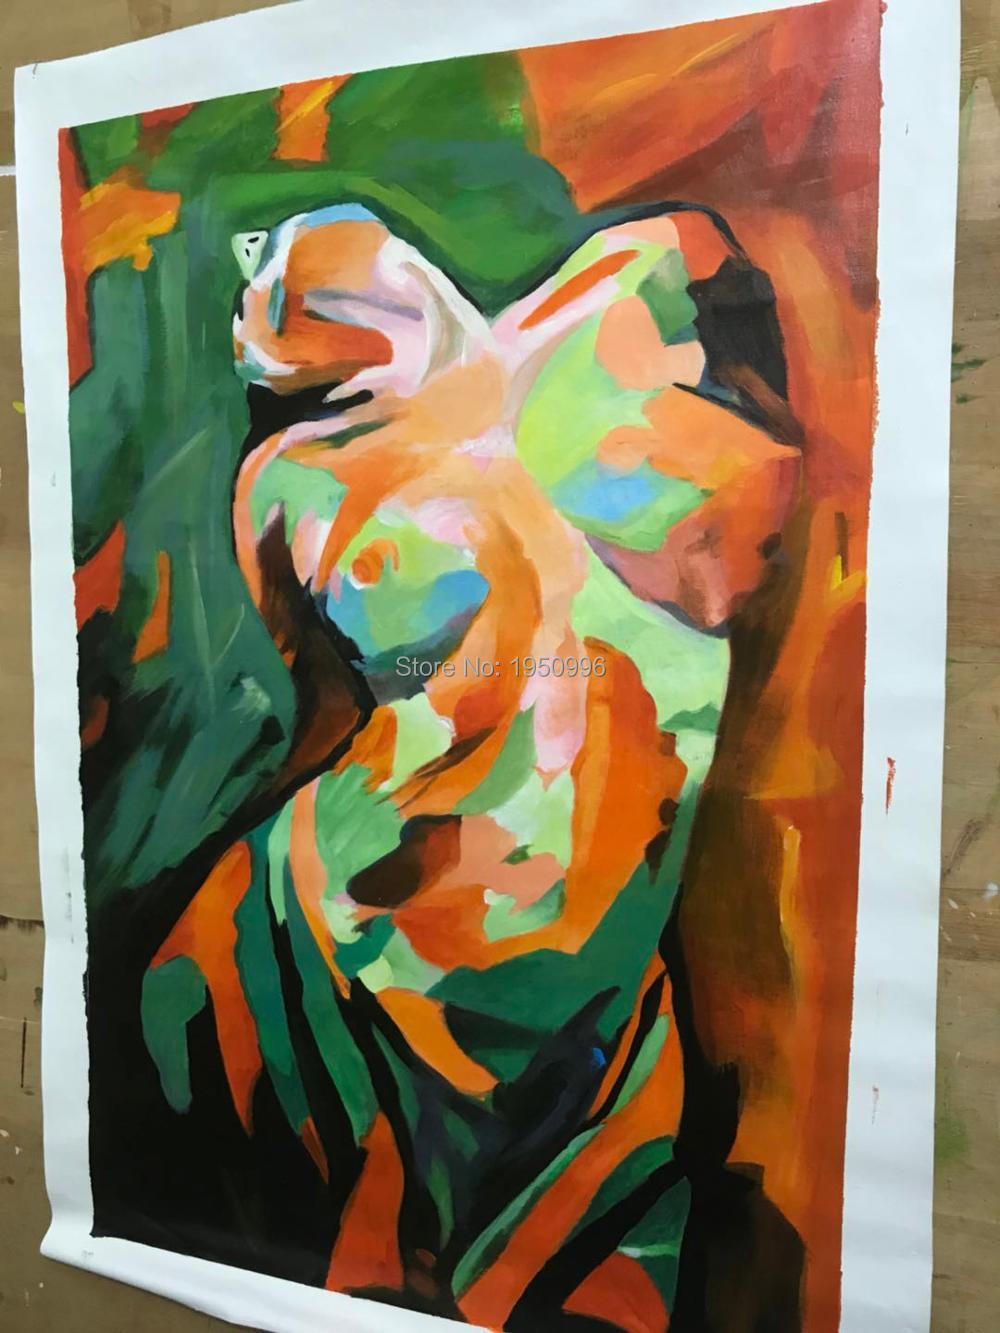 ПУД Аннотация обнаженная Леди Девочка плотненькая мясистые тела sexy lady изображение танцор baeutiful wall art домашний декор ручной работы маслом ка